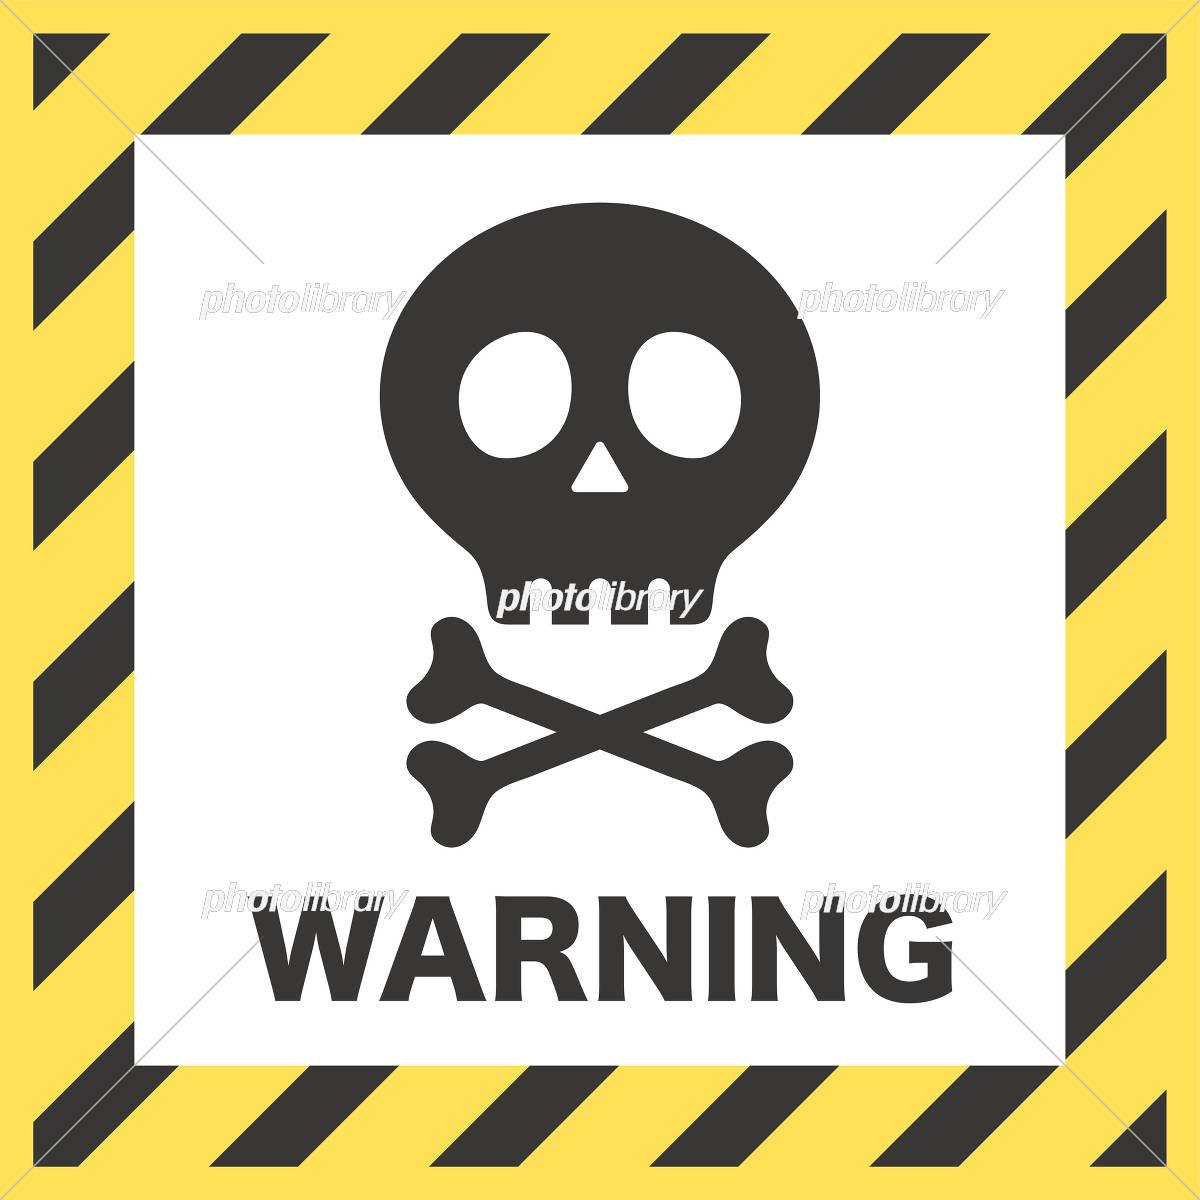 危険 注意 サイン イラスト素材 [ 5551980 ] - フォトライブラリー ...